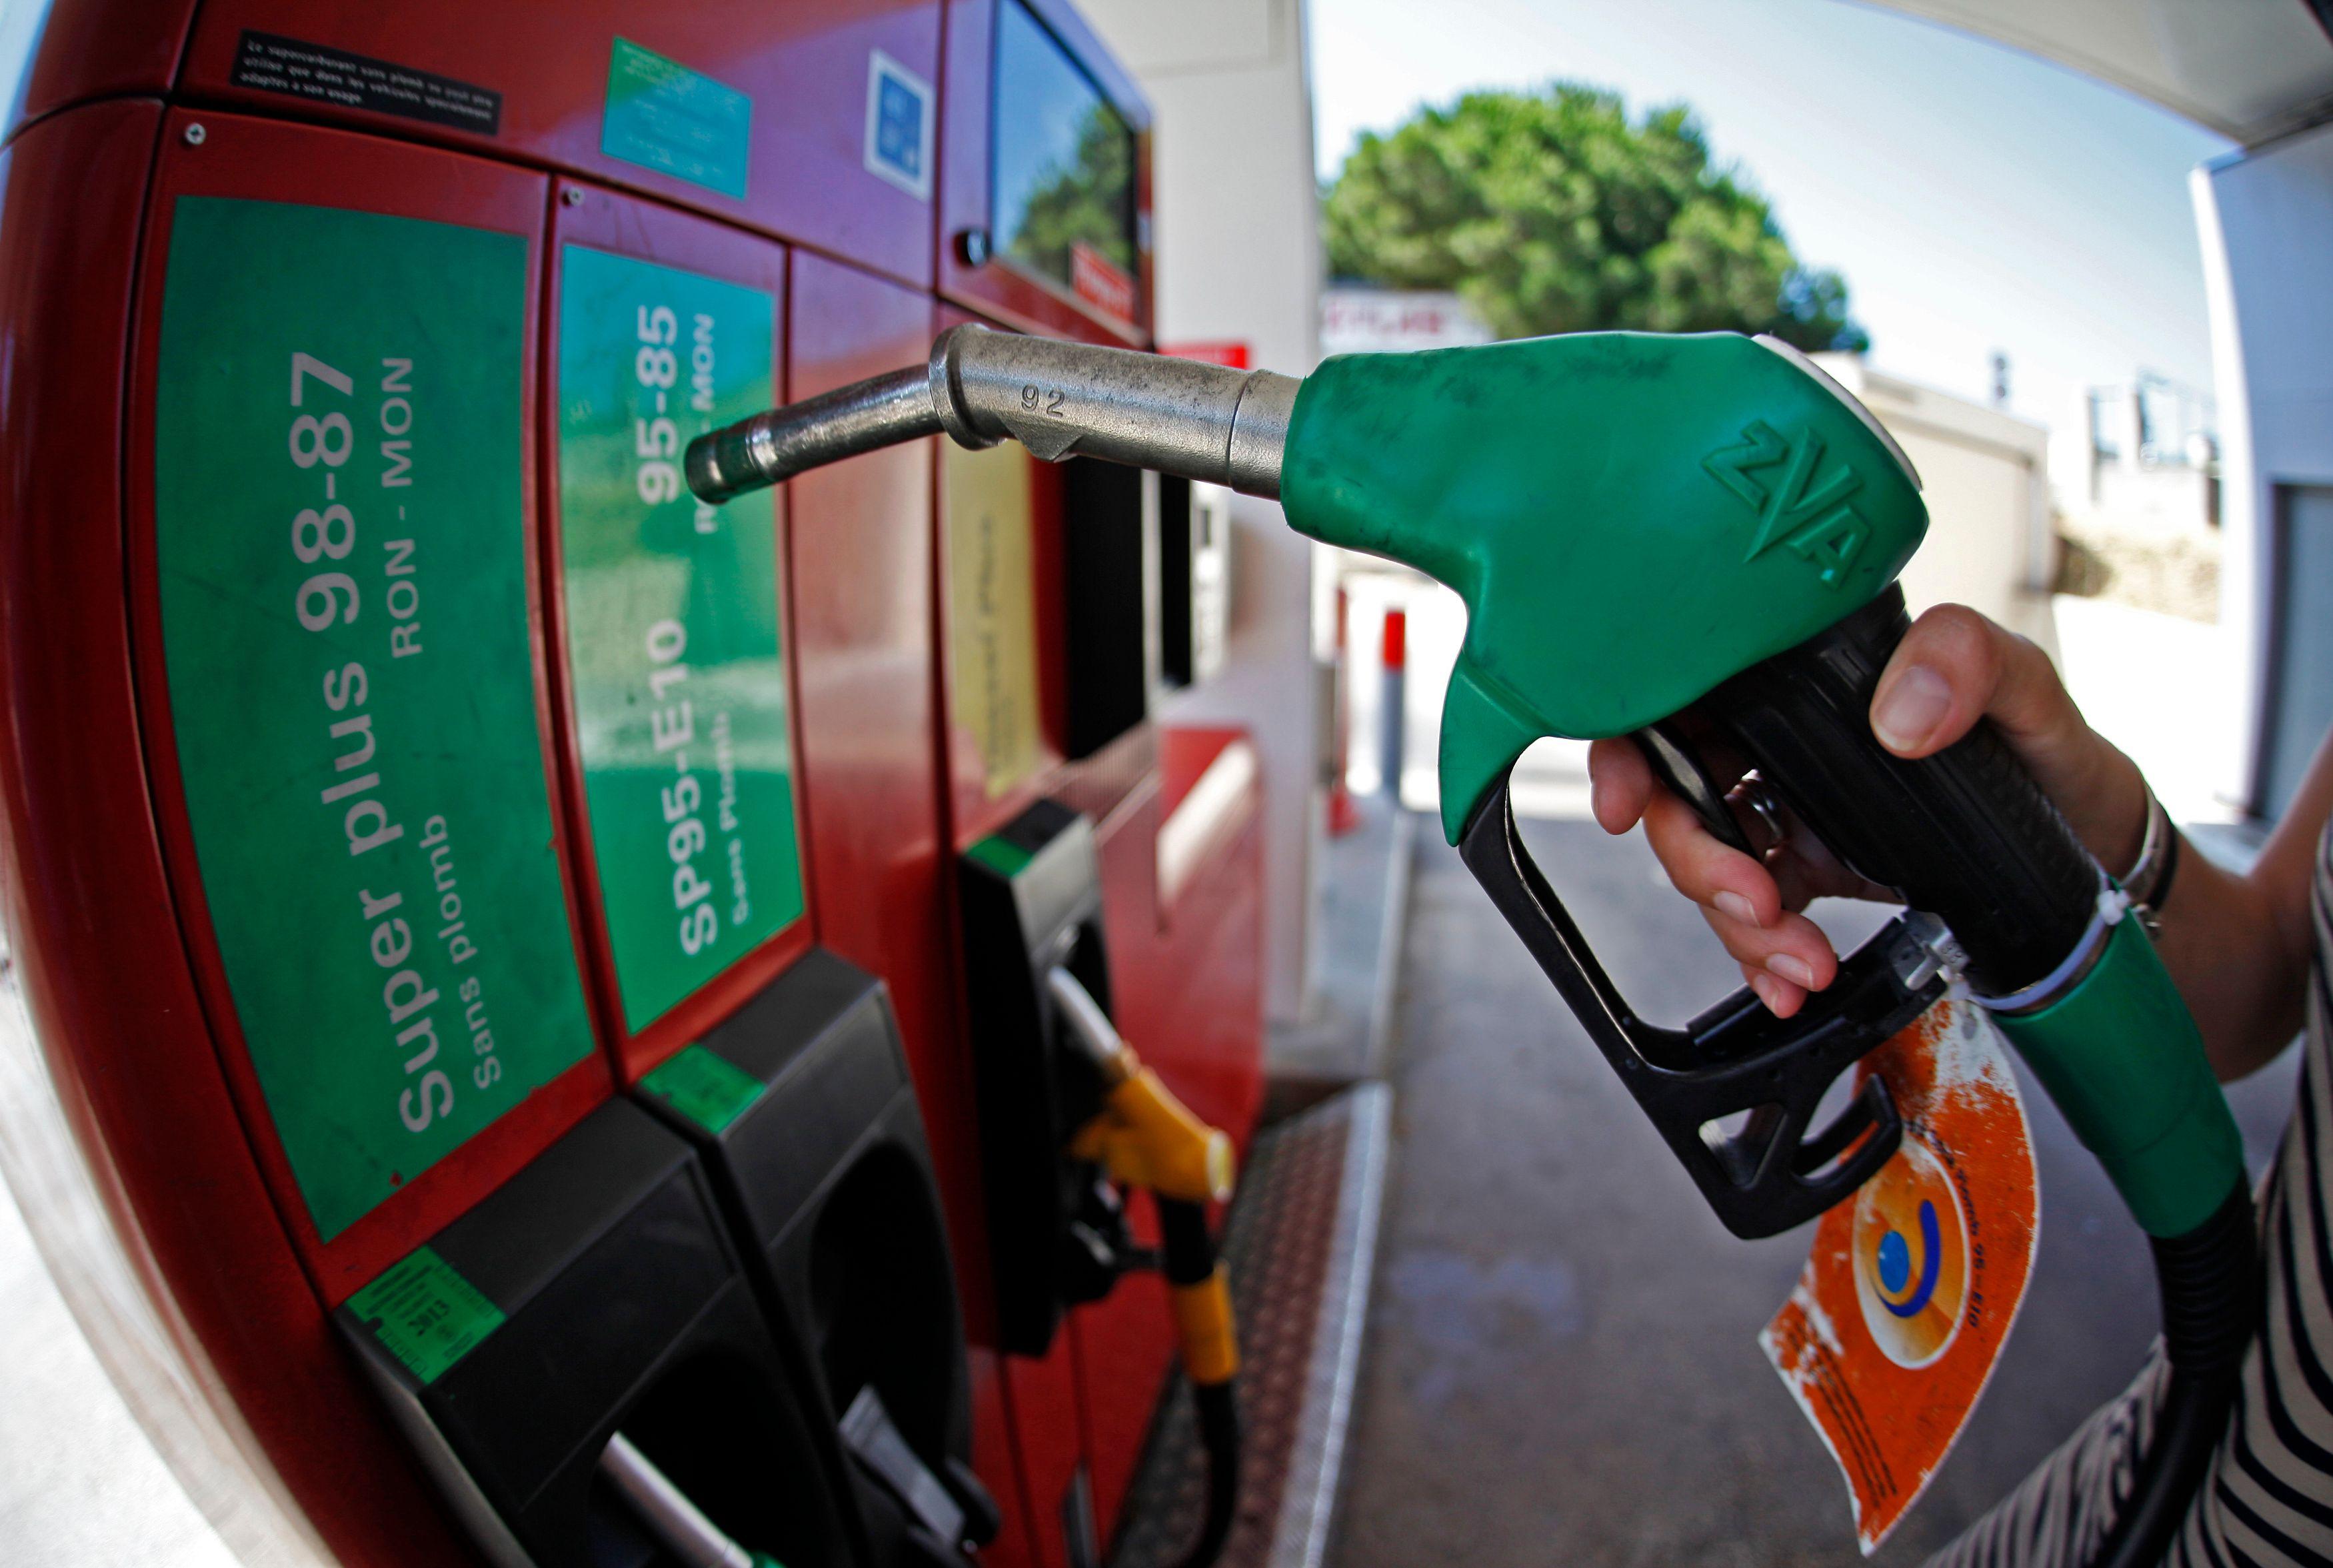 Le prix des carburants est en baisse